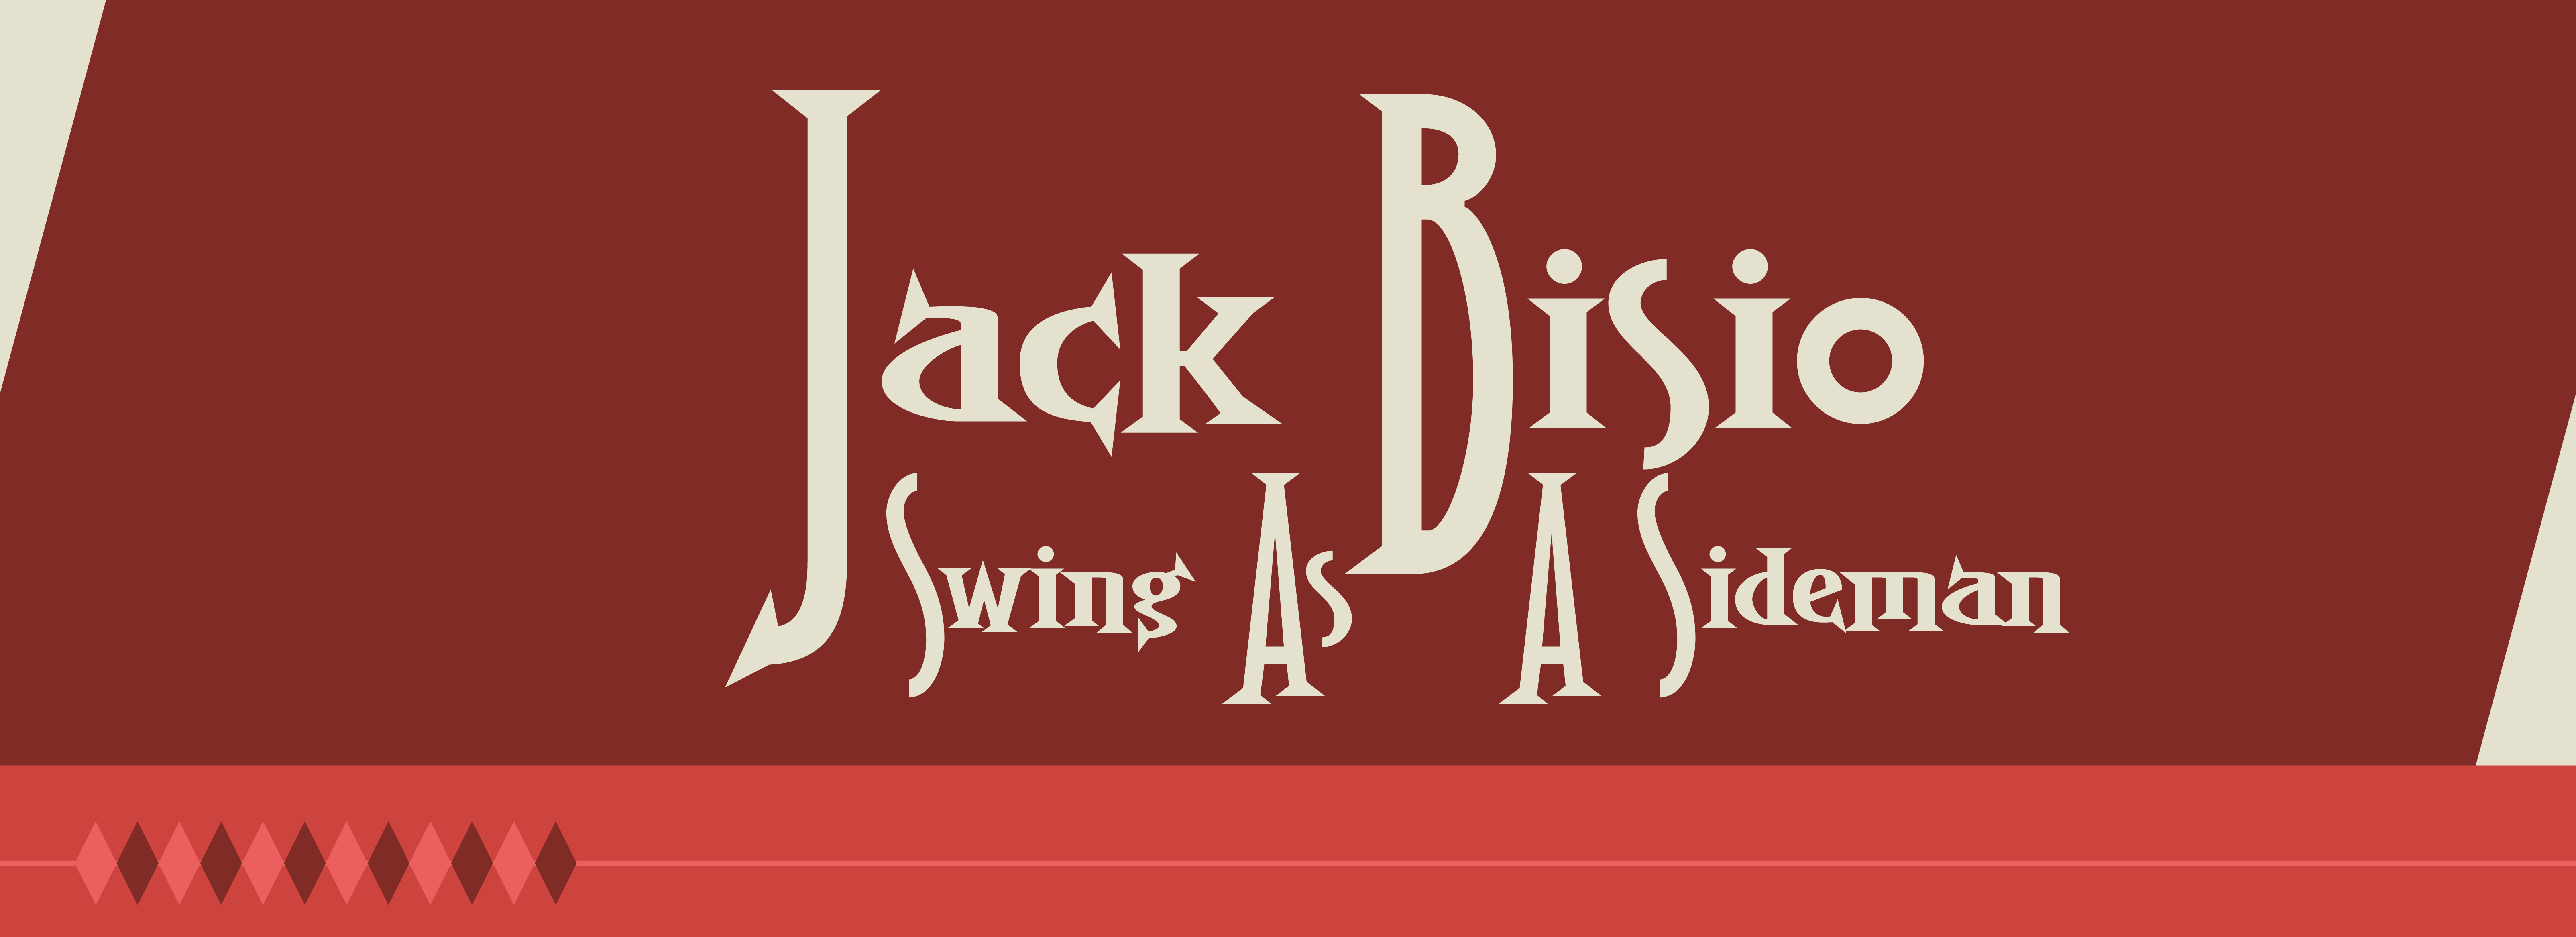 Jack Bisio